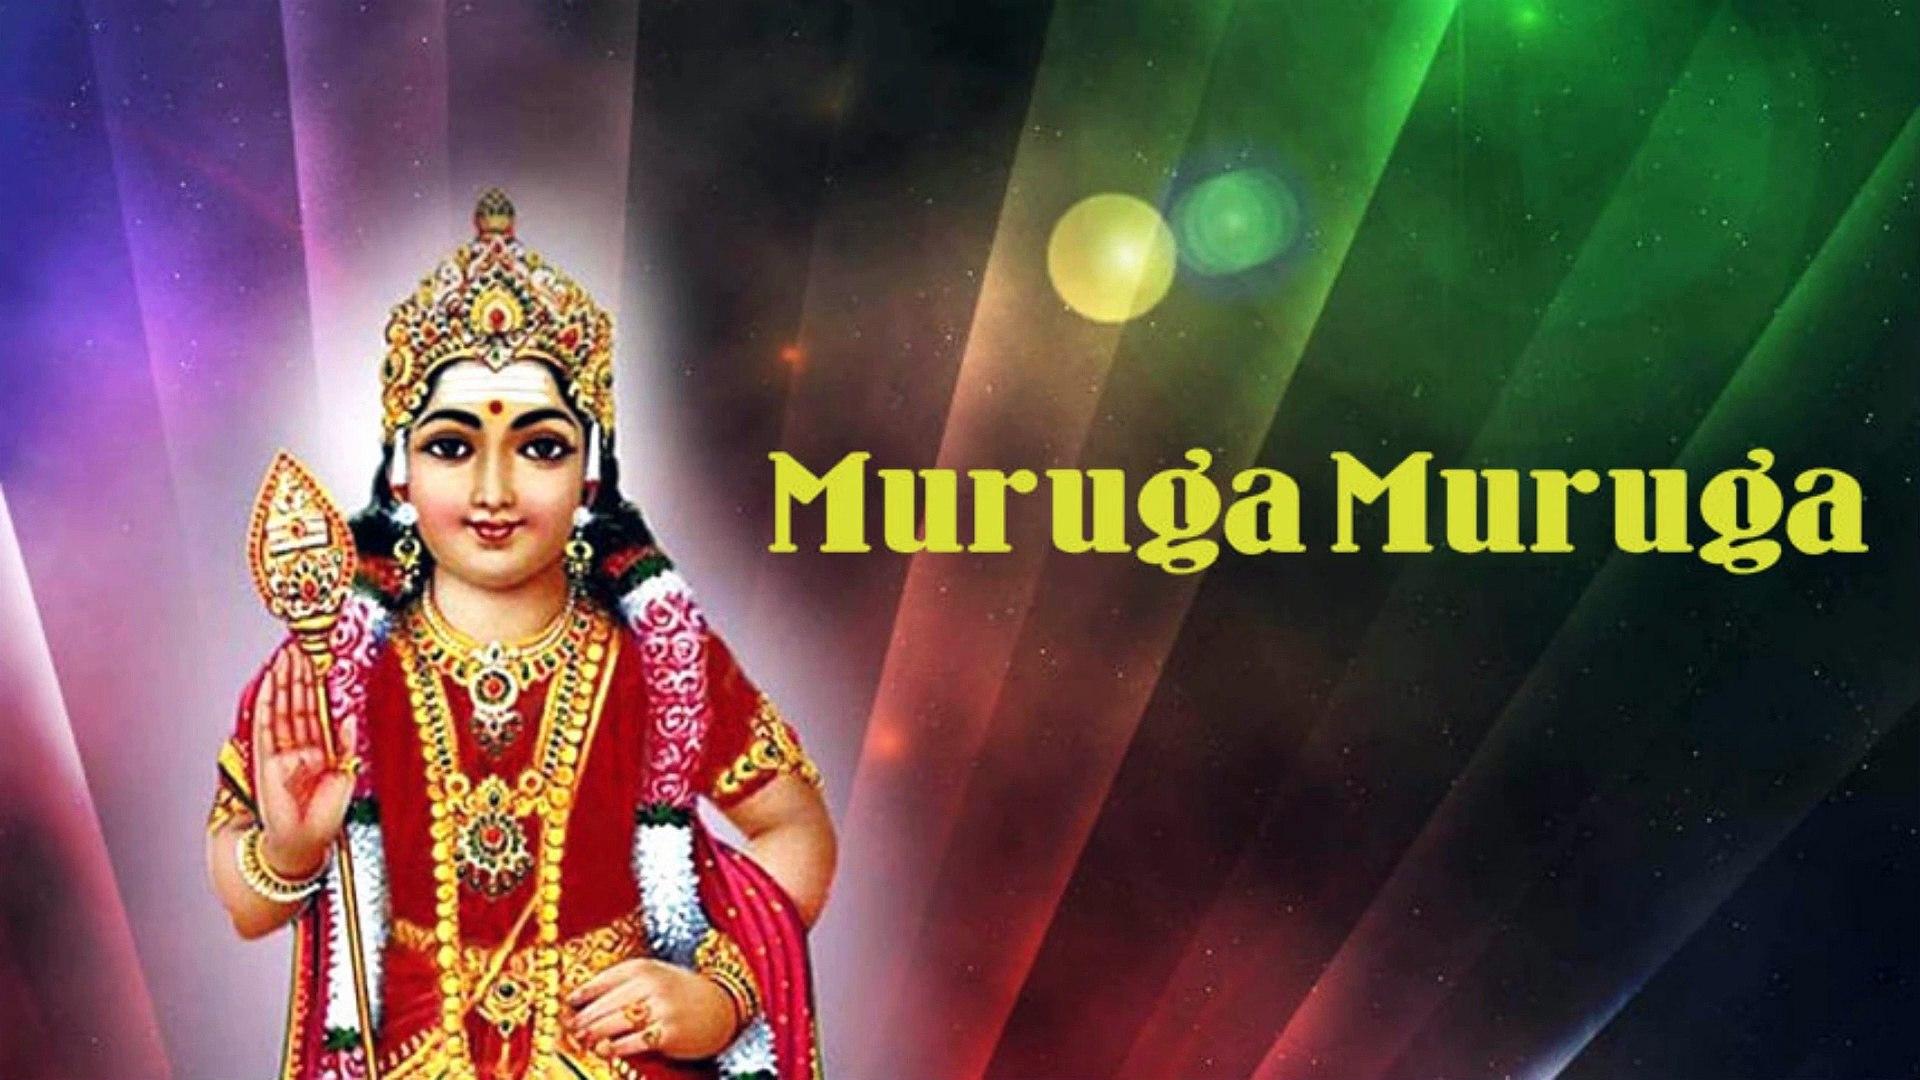 Muruga Muruga by Jayashri - Lord Murugan Tamil Devotional Songs ¦ Latest Tamil Devotional Songs